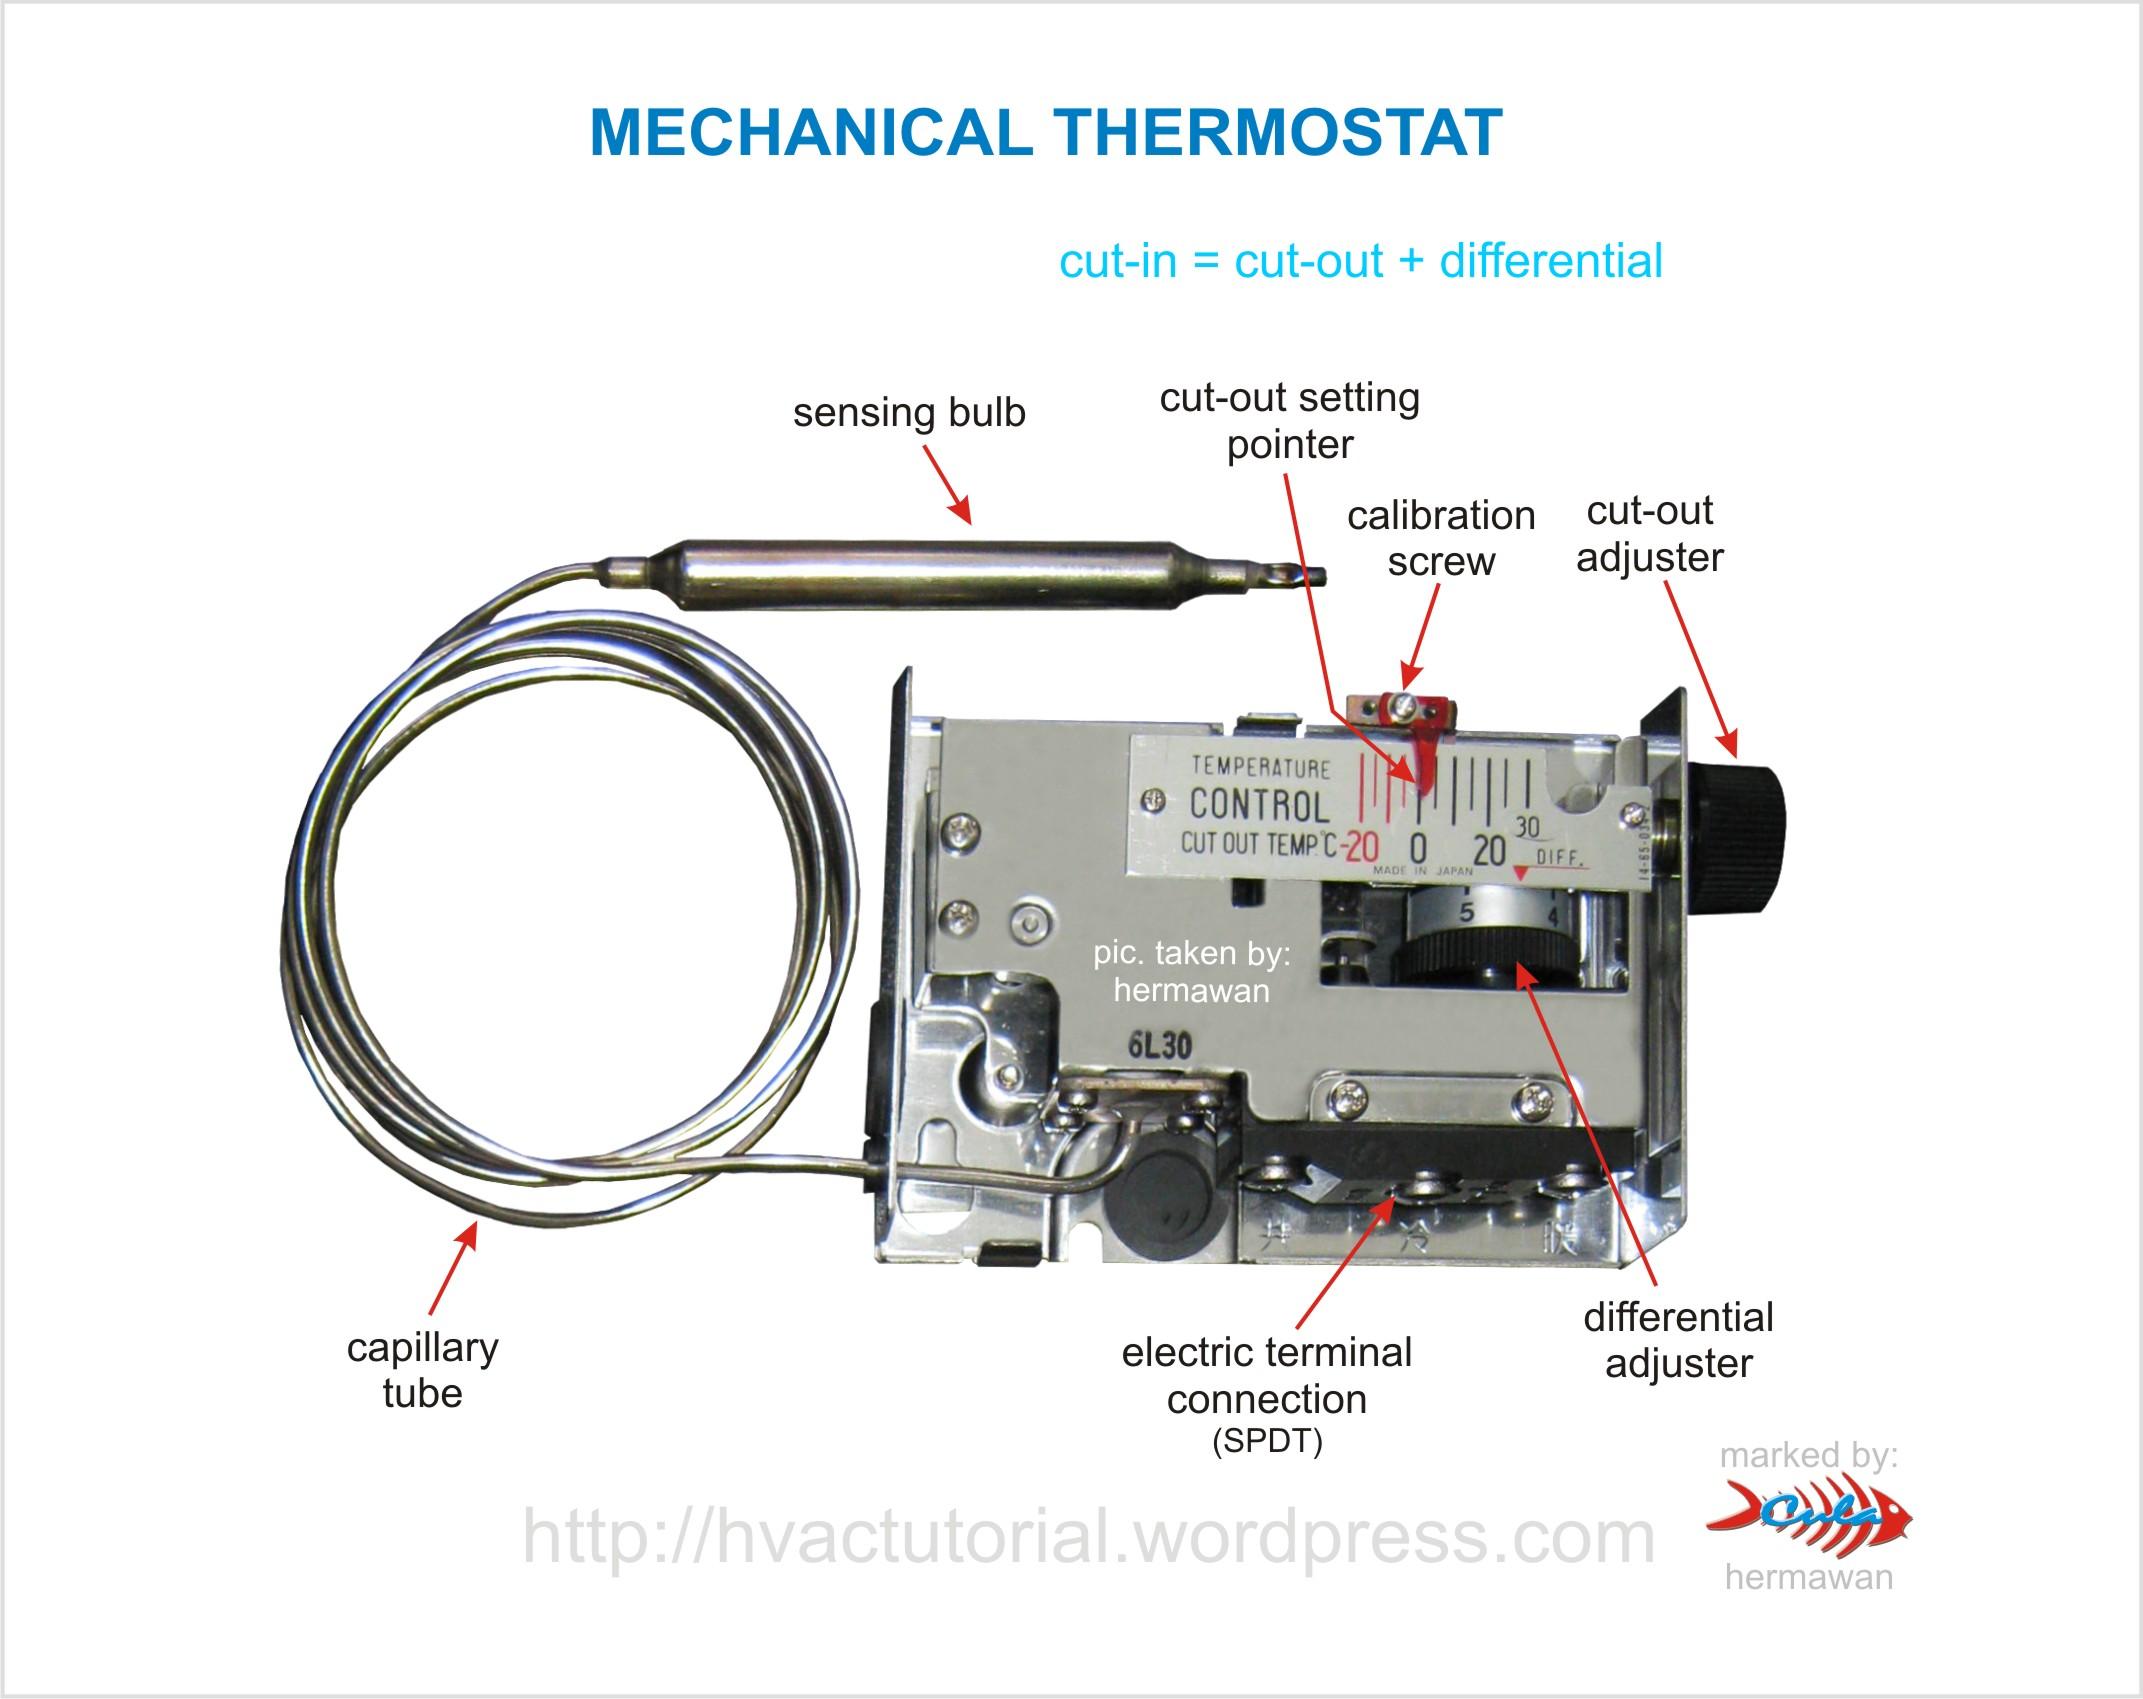 Wiring diagram kompresor ac free download wiring diagram xwiaw ac ac pressor wiring diagram wellread me free download wiring diagram mechanical thermostat hermawans blog refrigeration and air of wiring diagram kompresor asfbconference2016 Choice Image